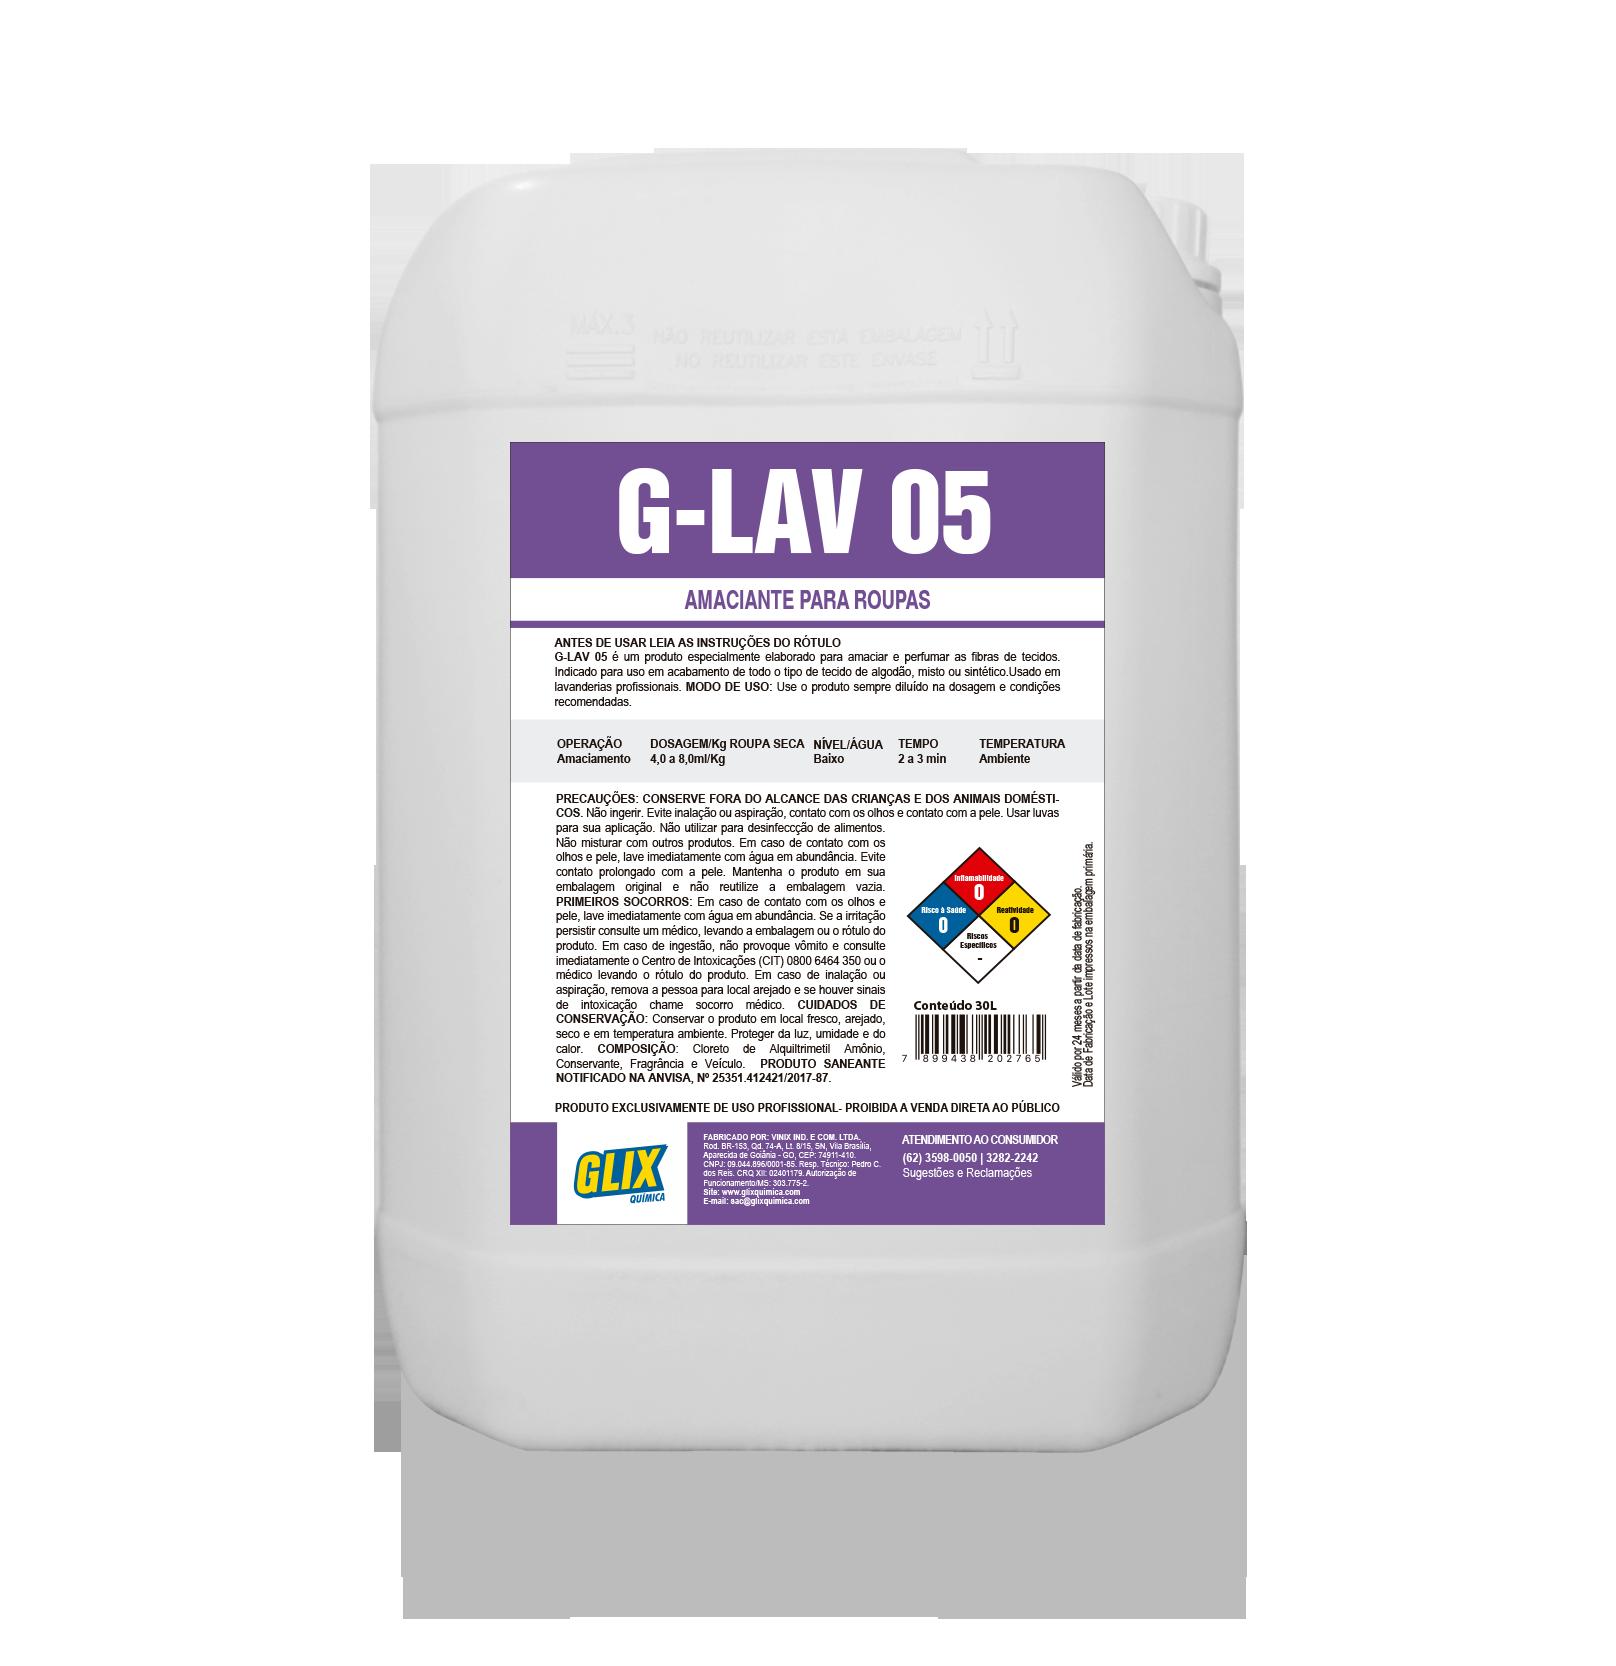 G-LAV 05